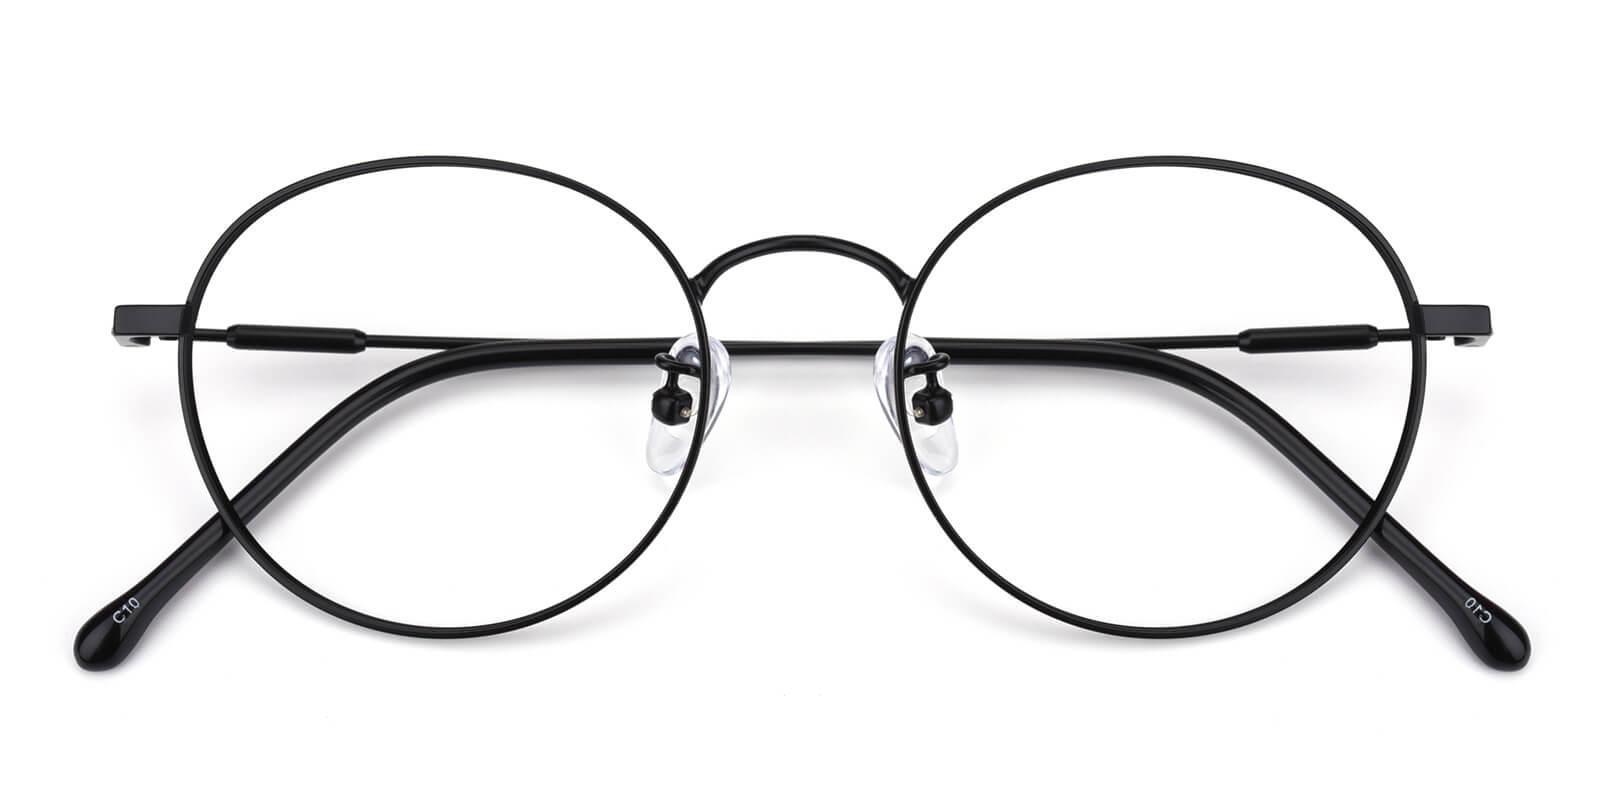 Hibbardr-Black-Round-Metal-Eyeglasses-detail